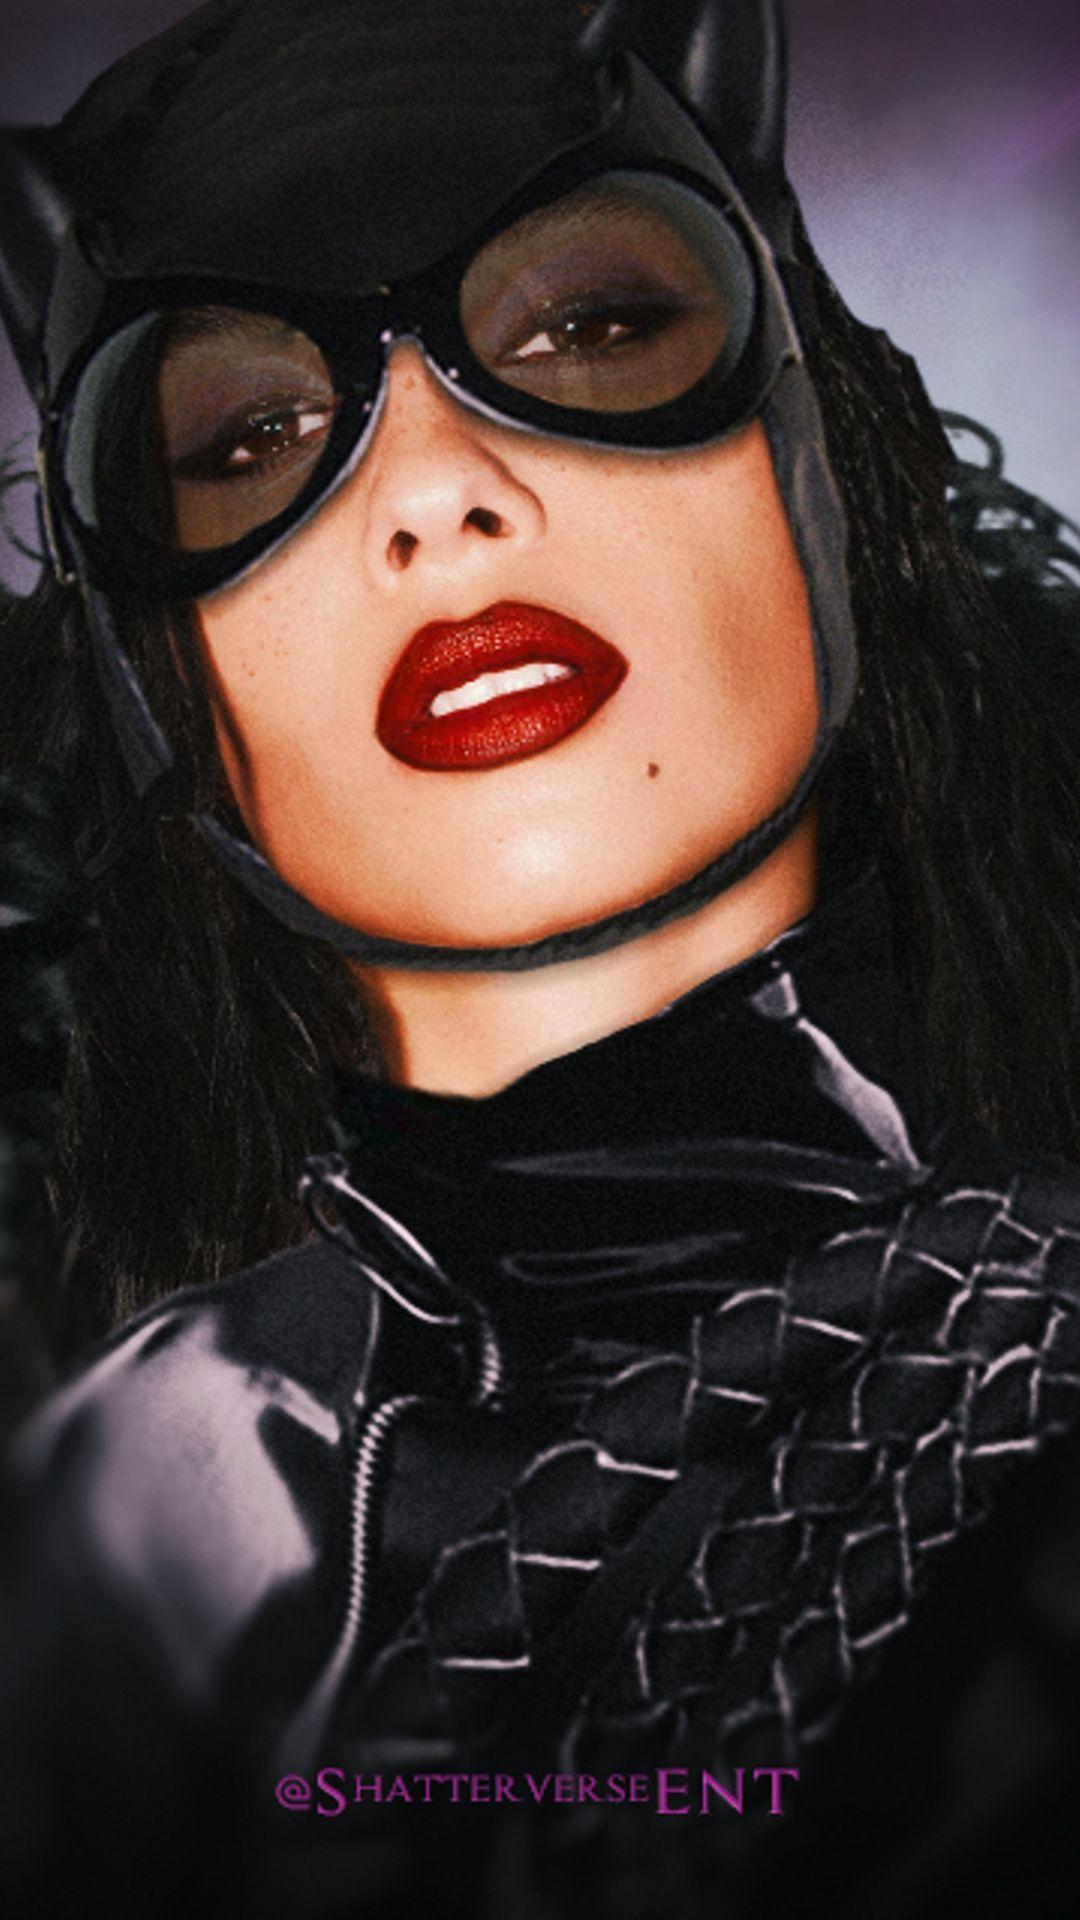 zoë kravitz dans le costume de catwoman pour le film the batman